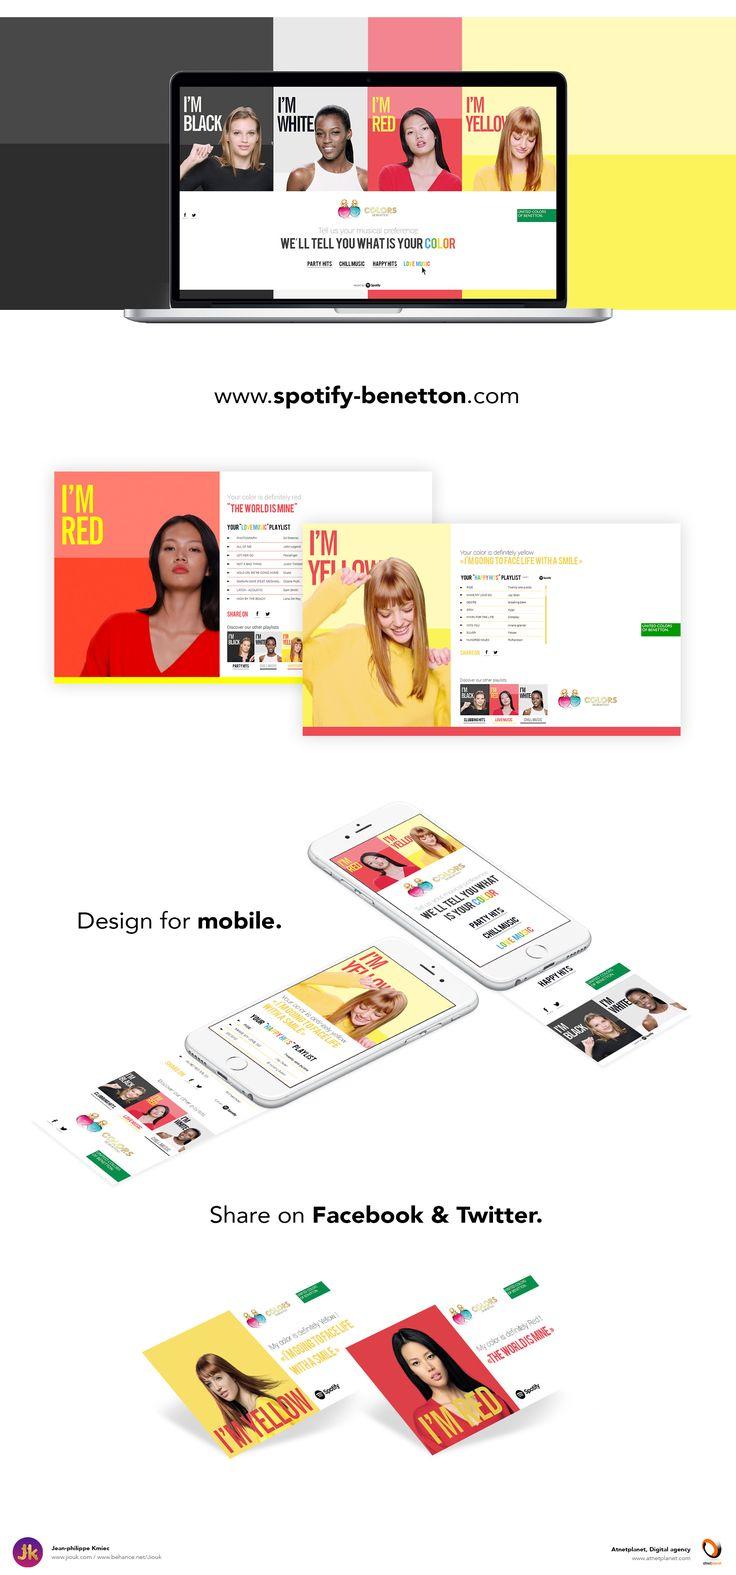 Pour le lancement de la nouvelle campagne, Benetton sort un mini site en collaboration avec Spotify pour faire la promotion des nouveaux parfums !